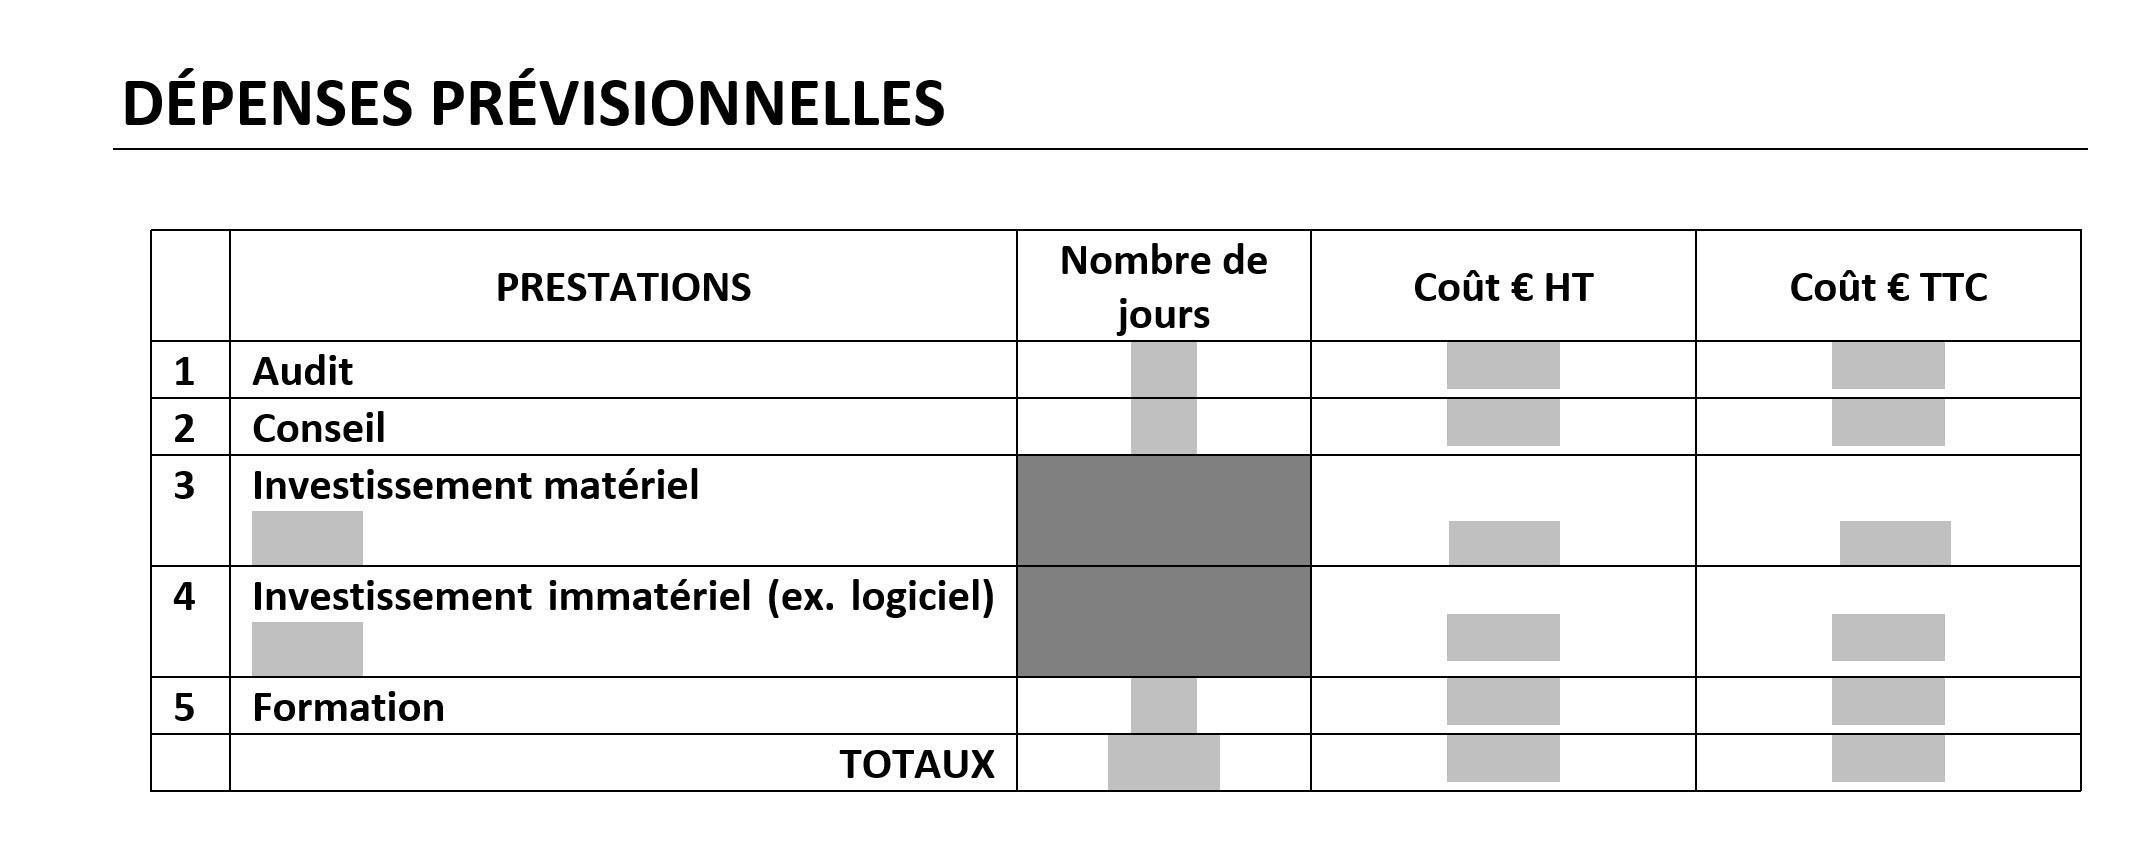 Tableau des dépenses prévisionnels pour dossier Impulsion Transition Numérique